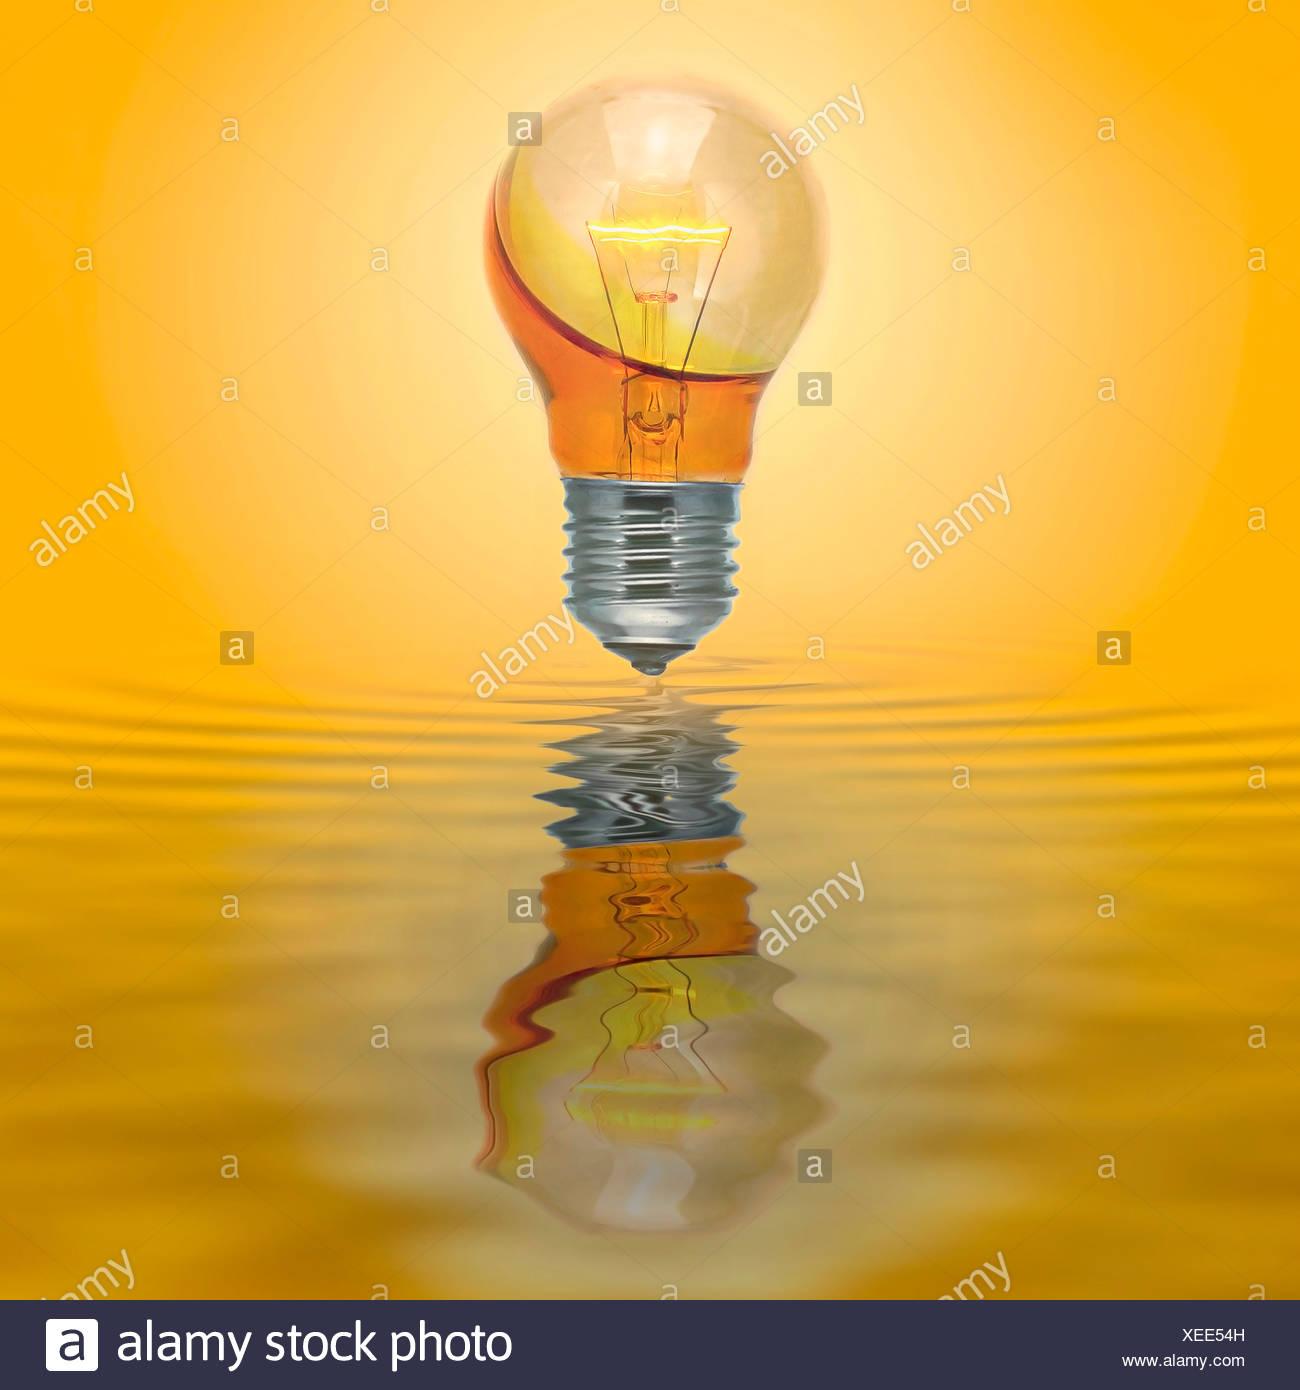 Lampe éclairer avec aucune connexion électrique rempli d'eau jaune Banque D'Images